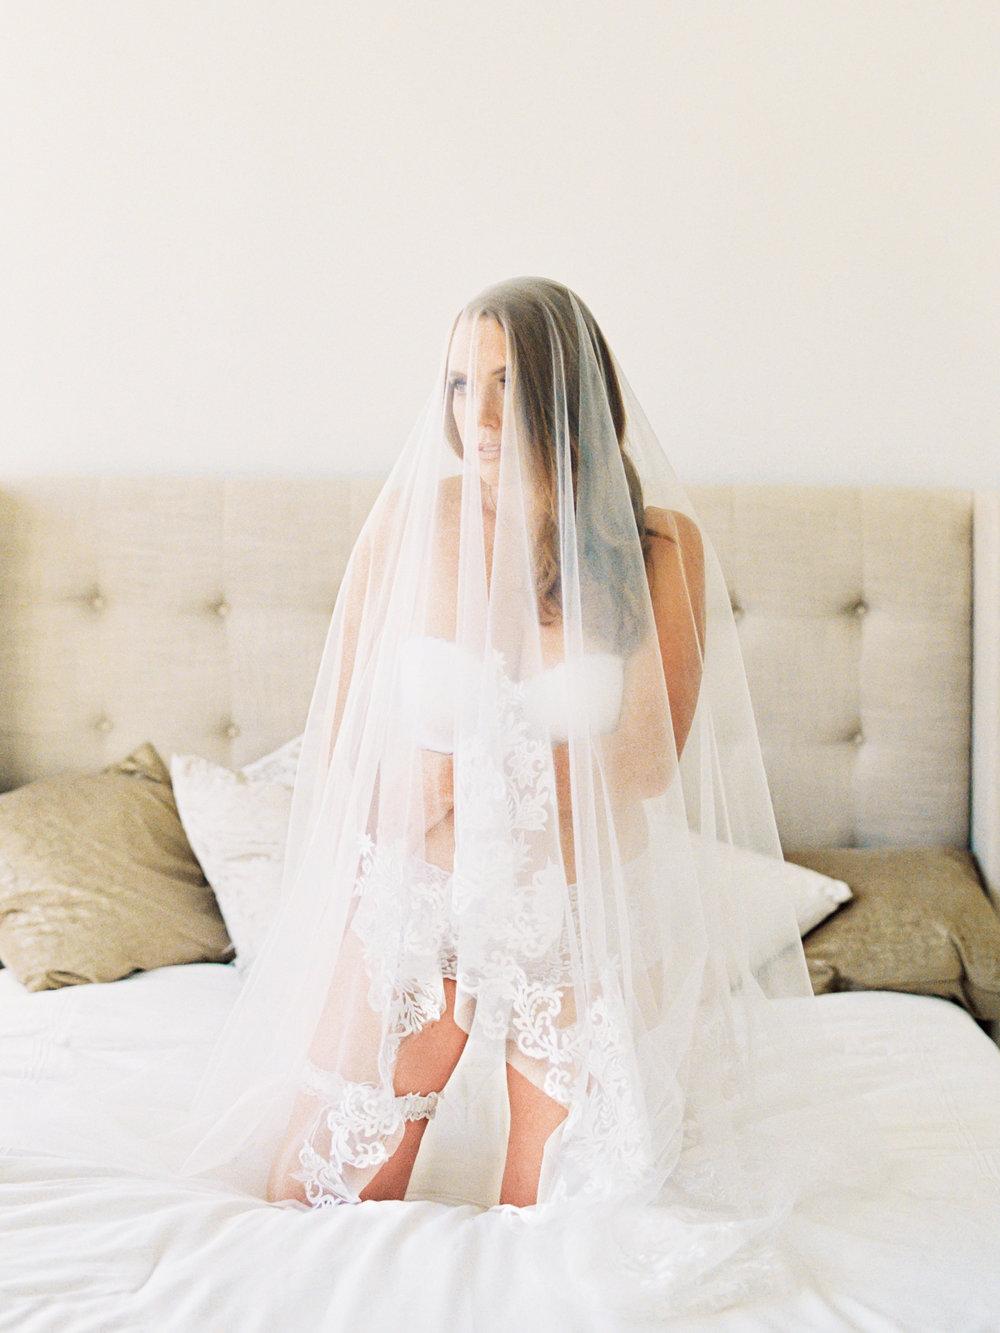 dennisroycoronel_bridal_boudoir_orangecounty_losangeles_photographer-58.jpg